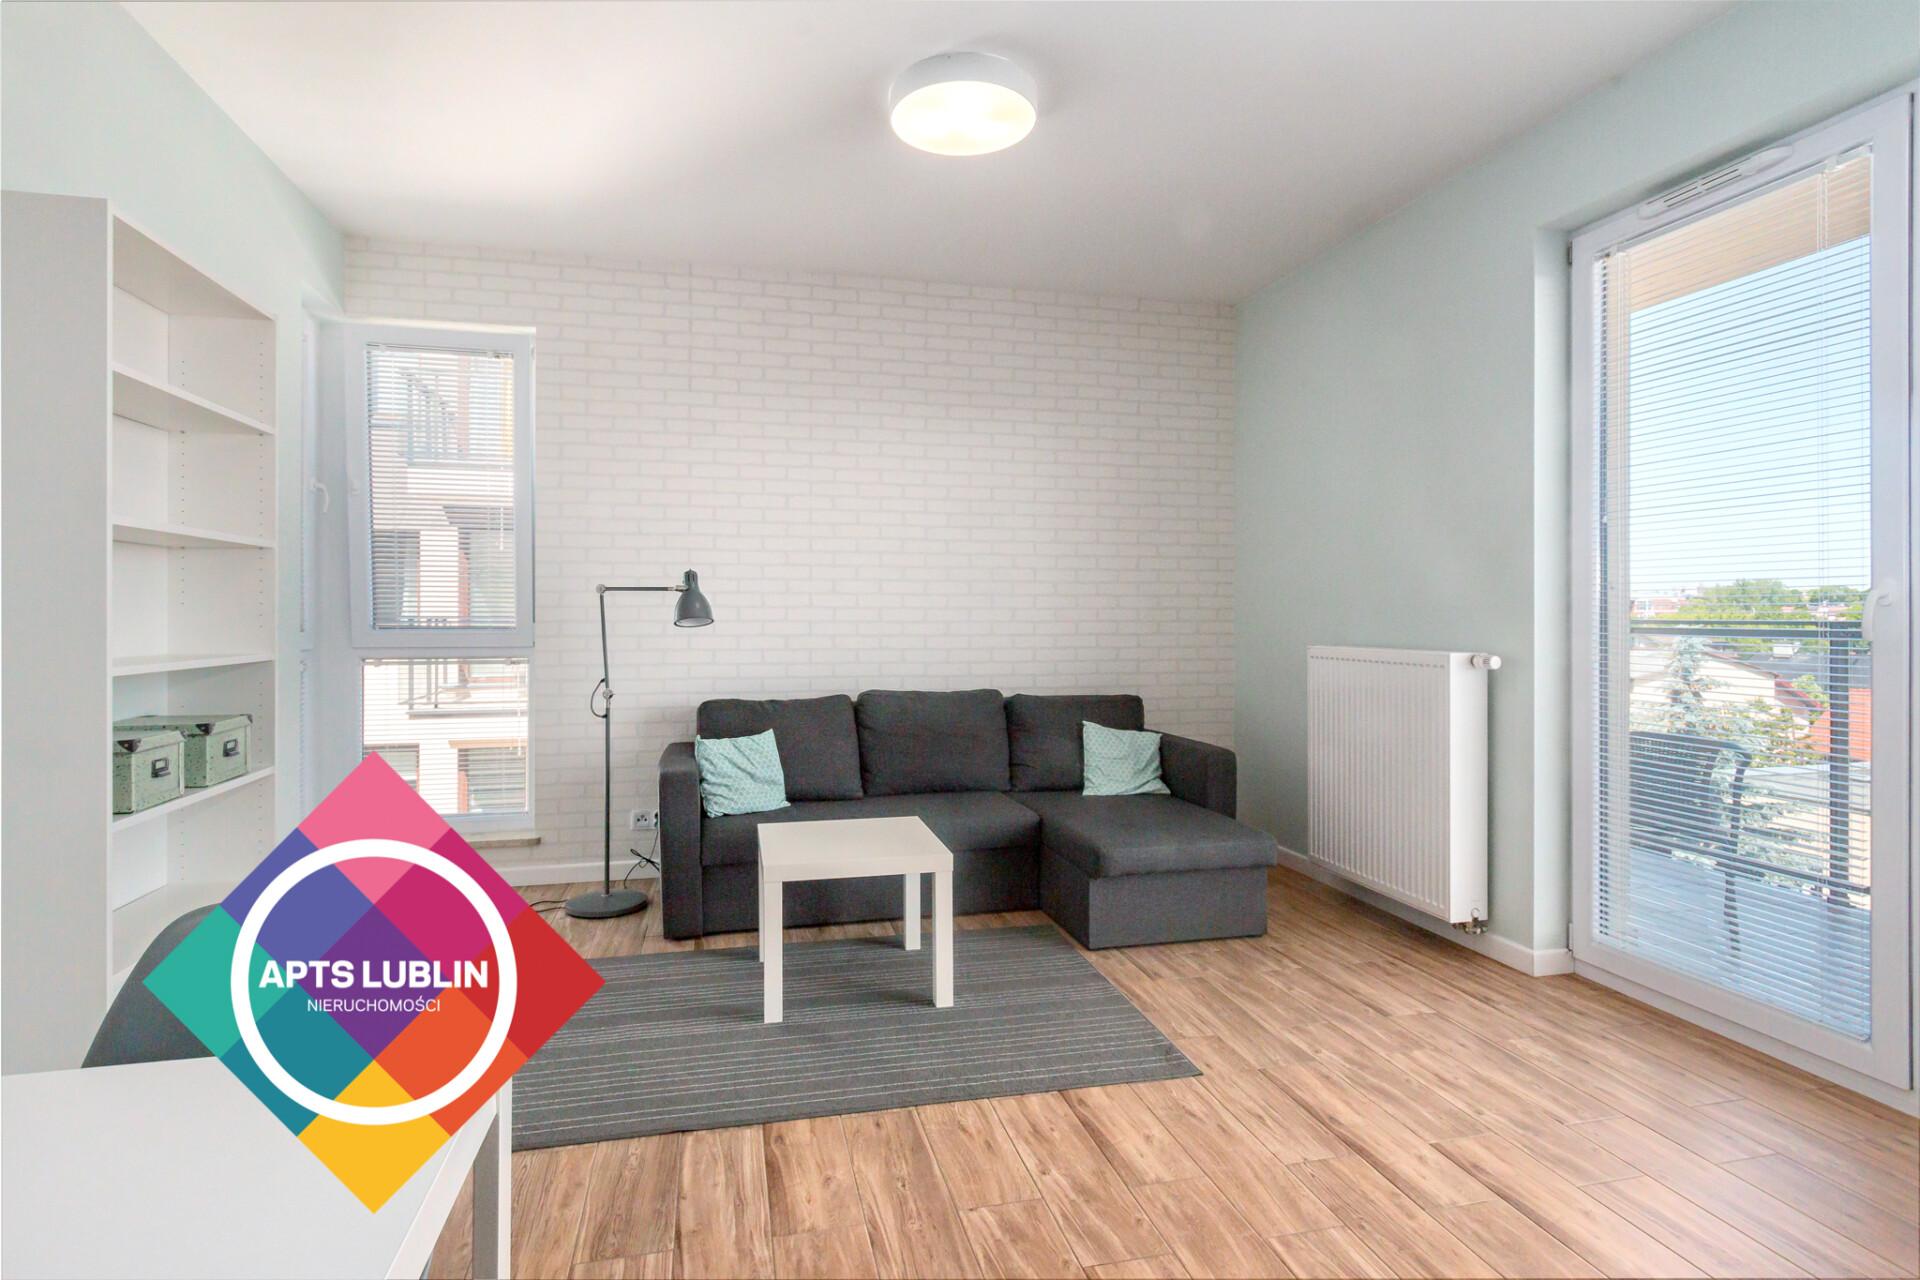 Wiktoryn, 1 bedroom for rent. Nice apartment.